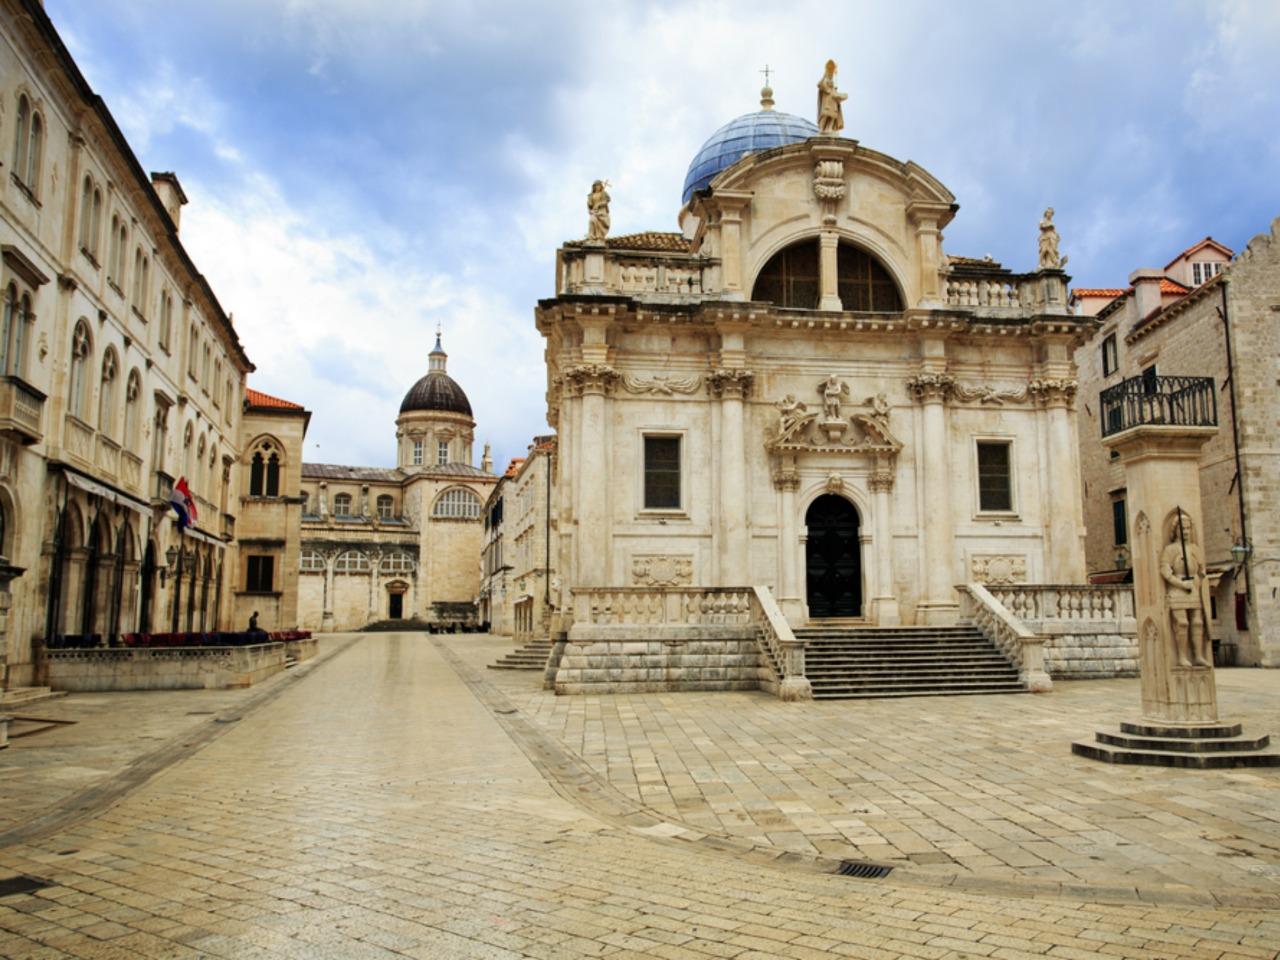 Обзорная по Дубровнику в 15:15 - групповая экскурсия в Дубровнике от опытного гида